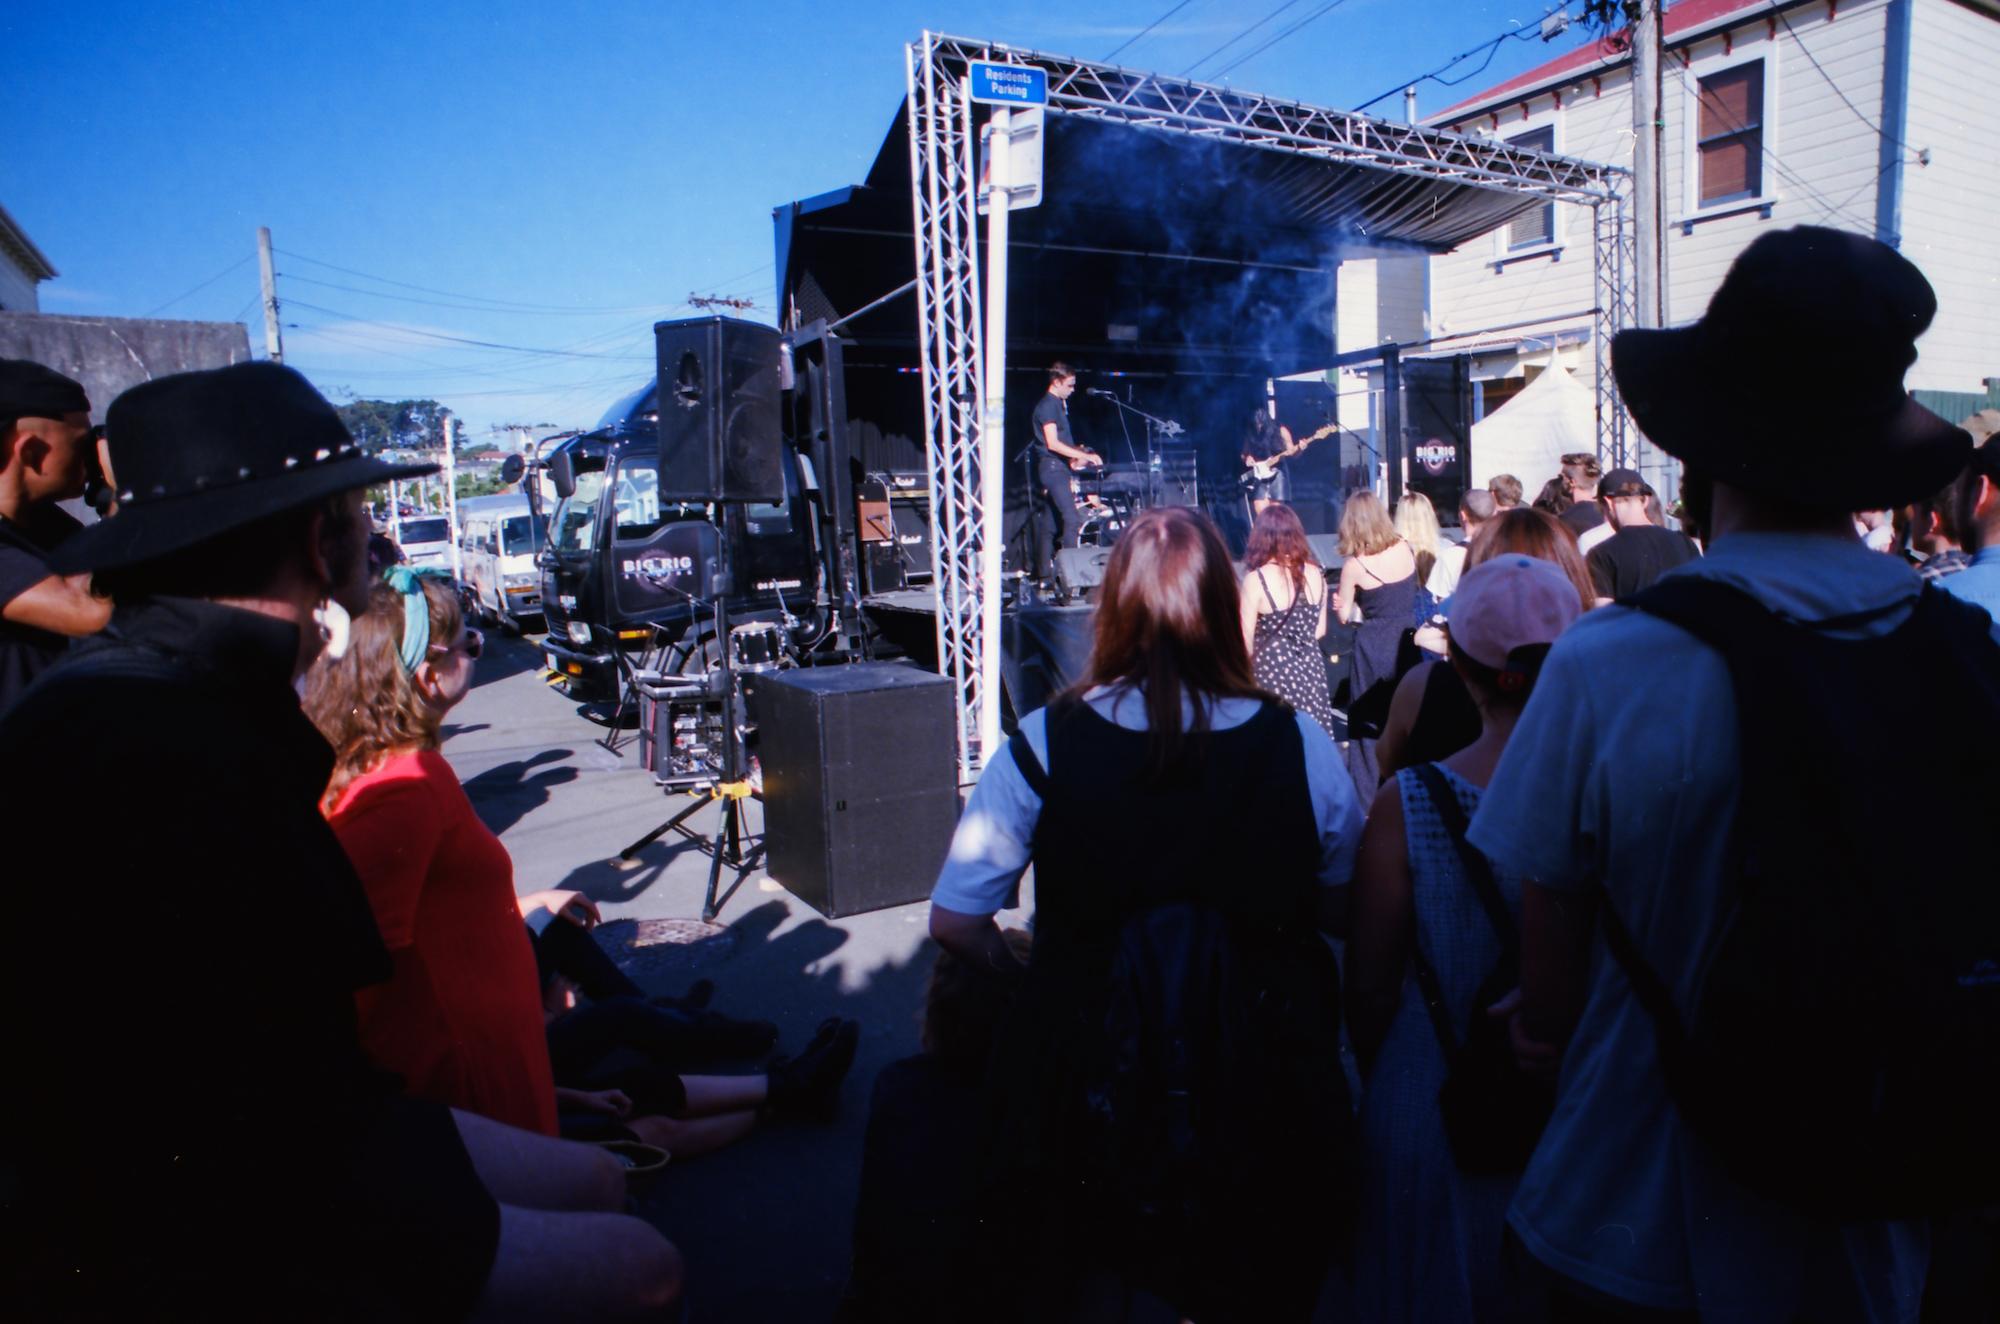 Wax Chattels, Newtown Festival, Nikon FE2, Nikkor 20mm f3.5, Ektar 100 35mm film